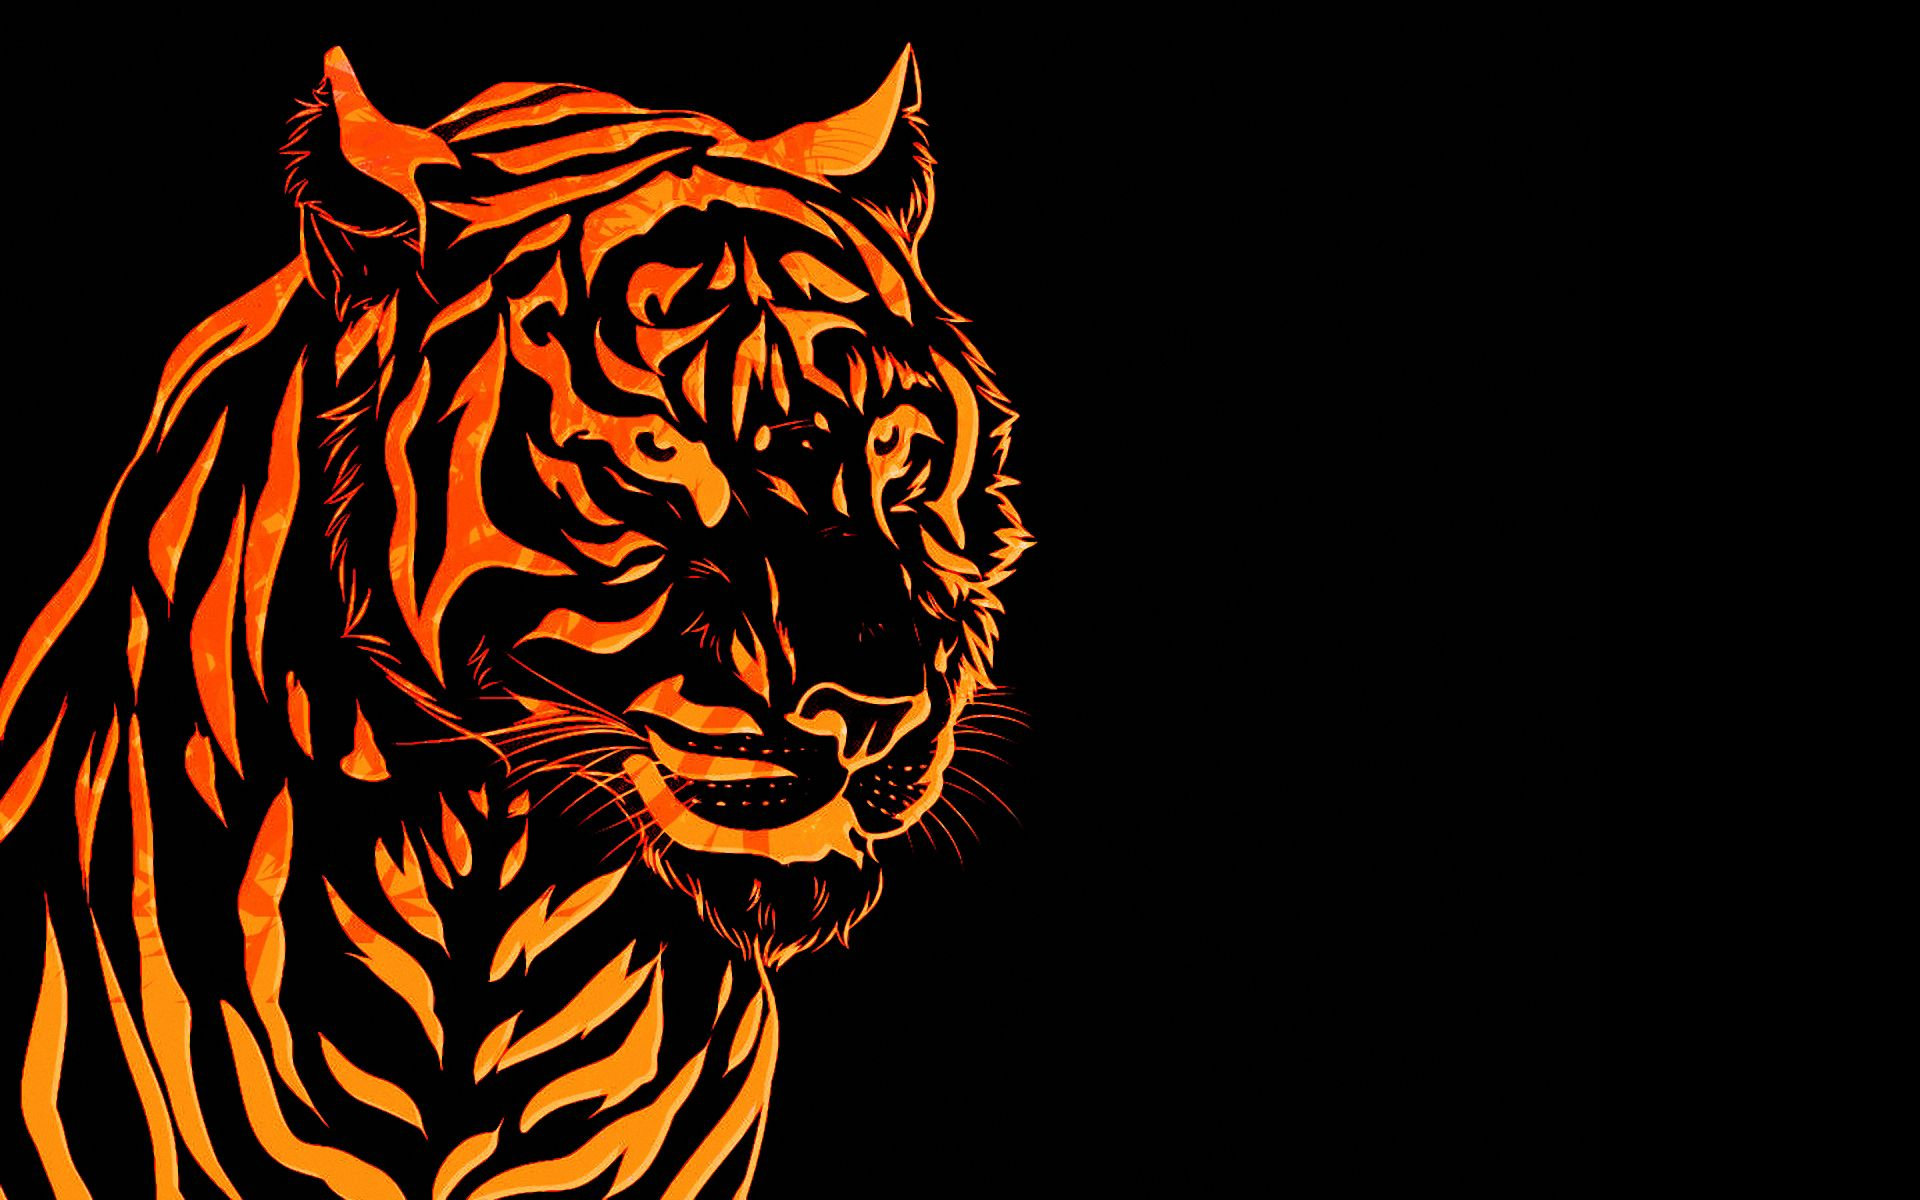 tiger hd wallpapers for desktop group 1920×1200 tiger image